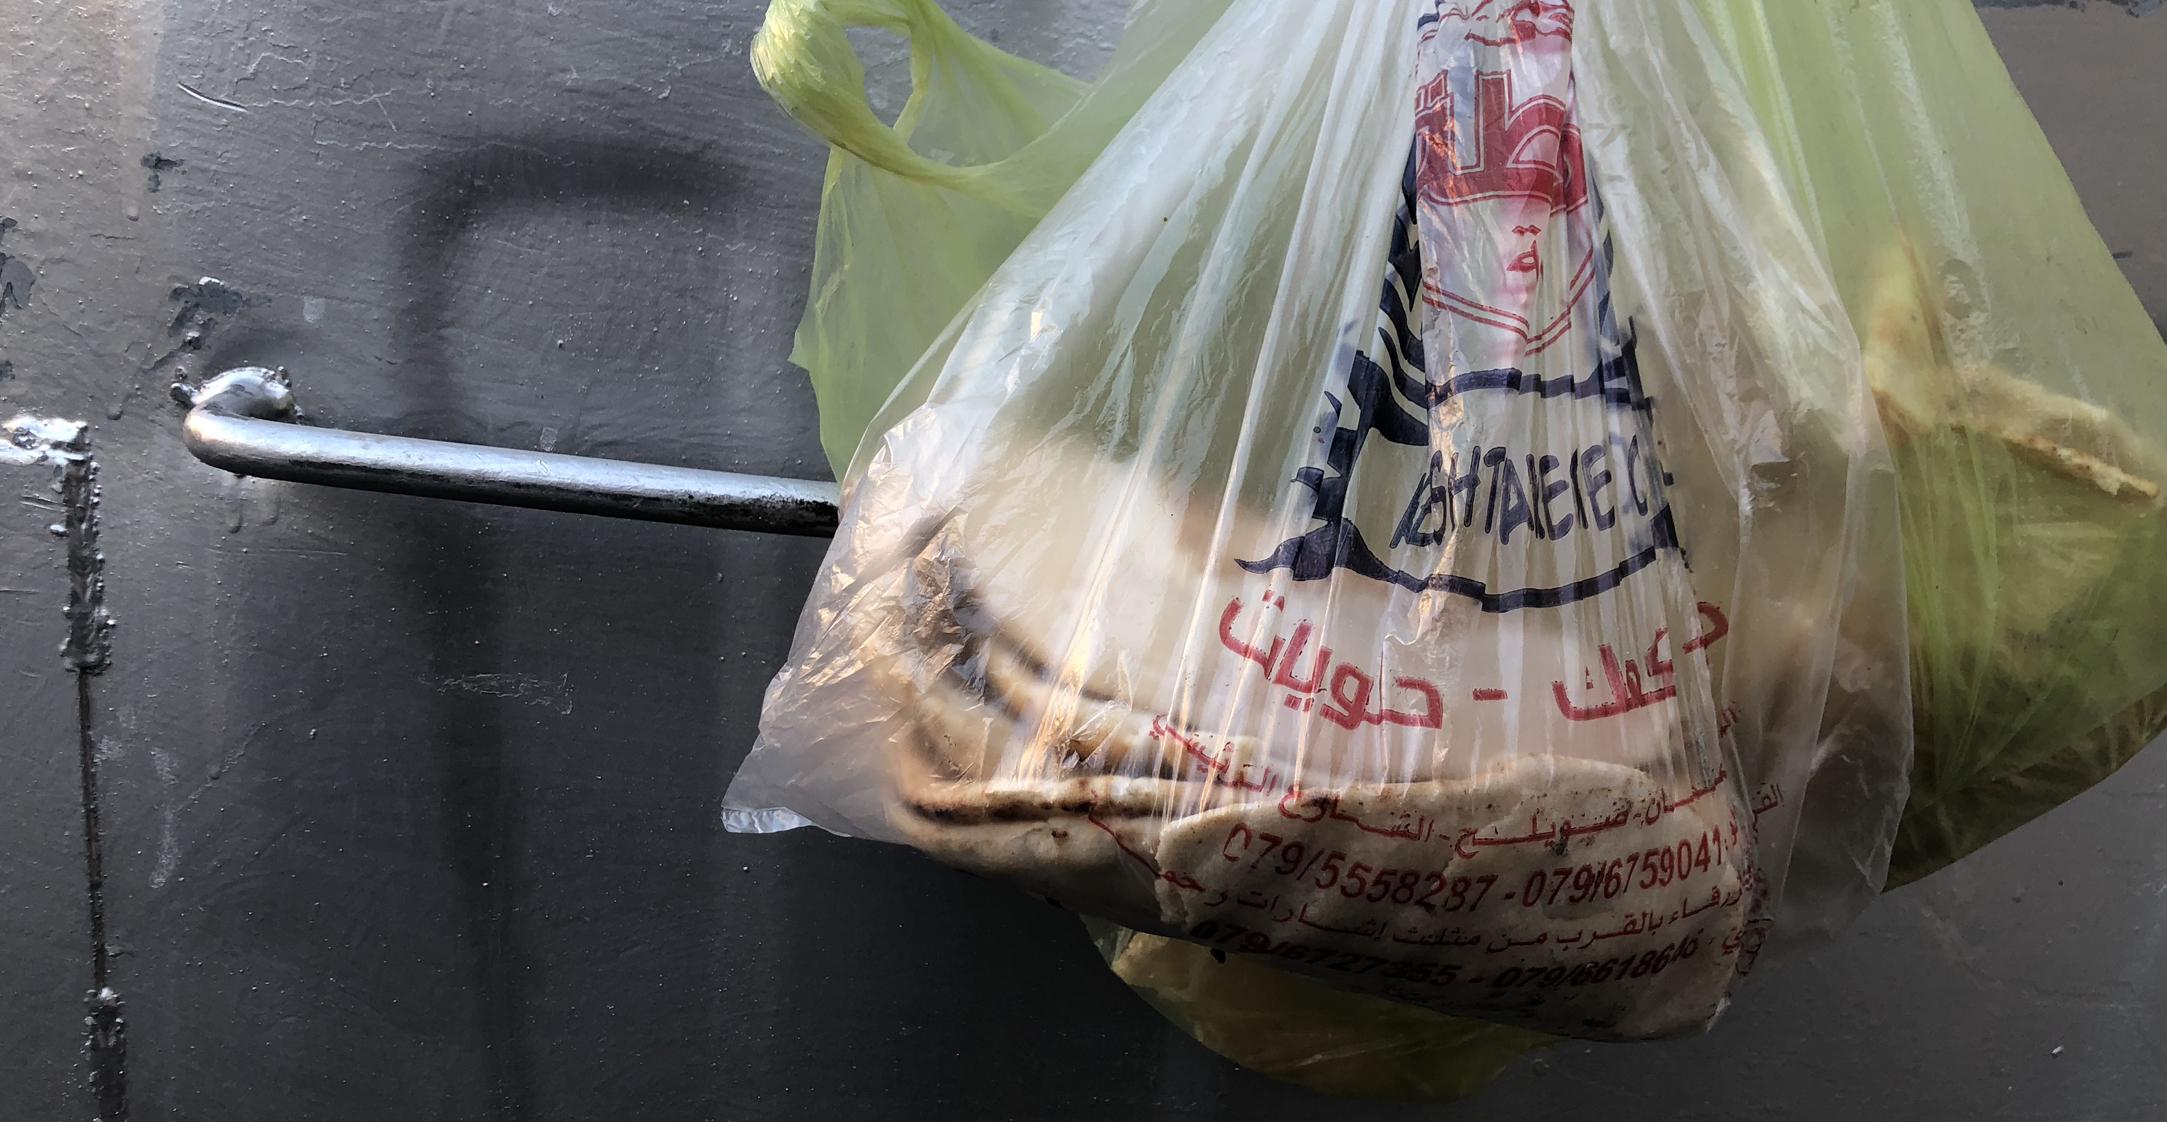 الخبز كمحرك للانتفاضات الشعبية في تونس والأردن ومصر